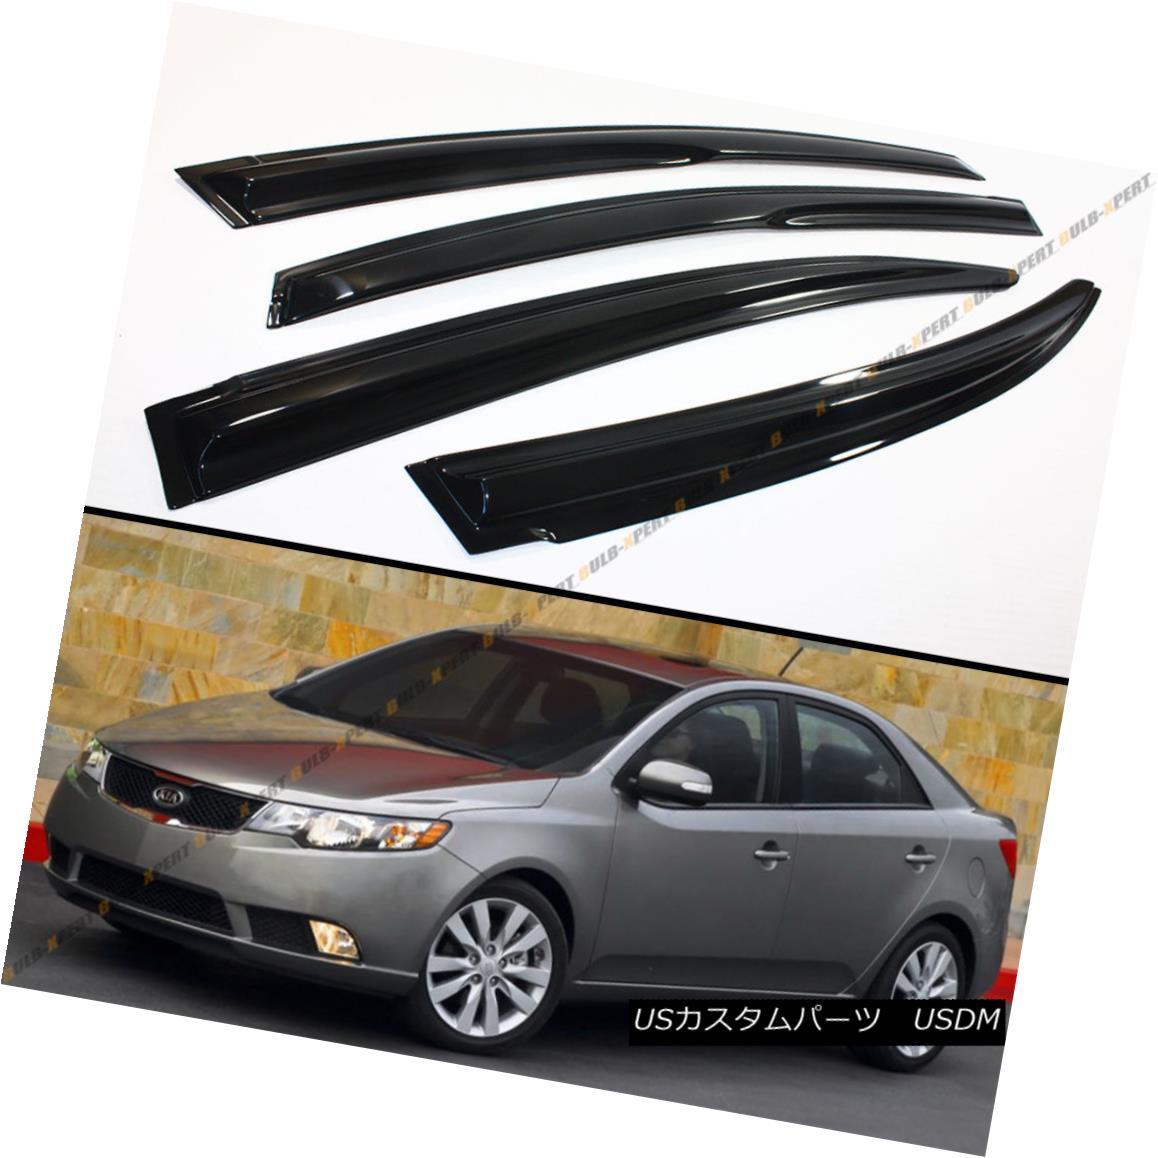 エアロパーツ 3D WAVY STYLE SMOKE WINDOW VISOR VENT SHADE FOR 2009-2013 KIA FORTE 4 DOOR SEDAN 3D WAVY STYLE SMOKE WINDOW VISOR VENTRE SHADE FOR 2009-2013キアフォーテ4ドアセダン